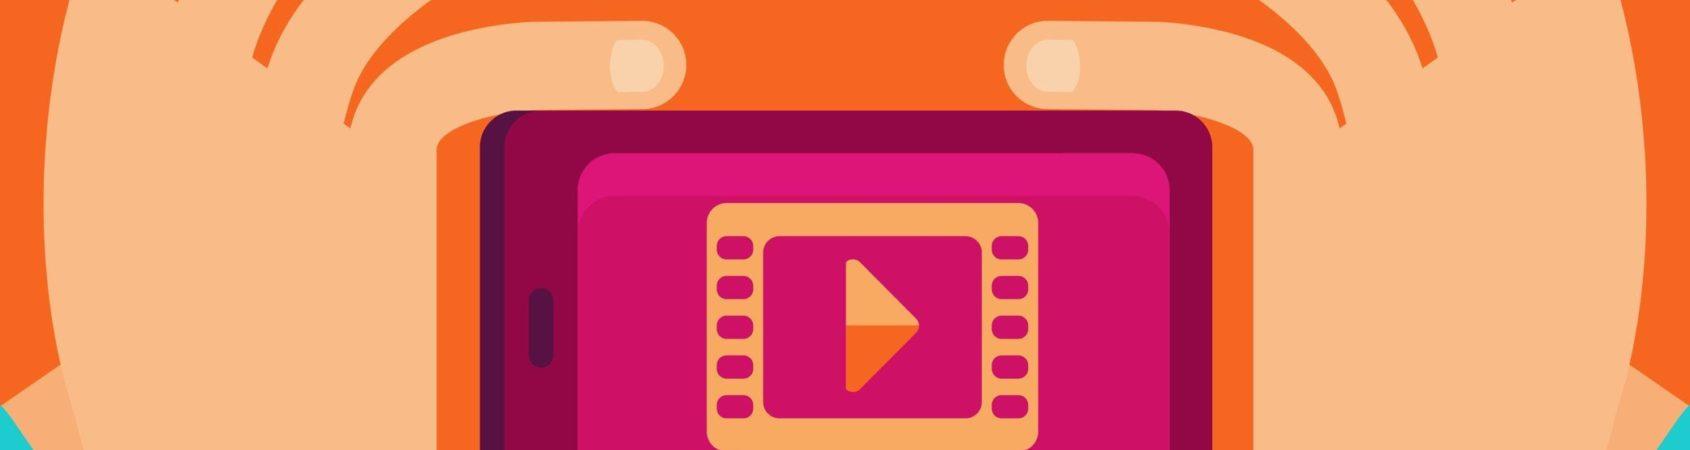 Marketing vidéo : 10 erreurs fréquentes à éviter